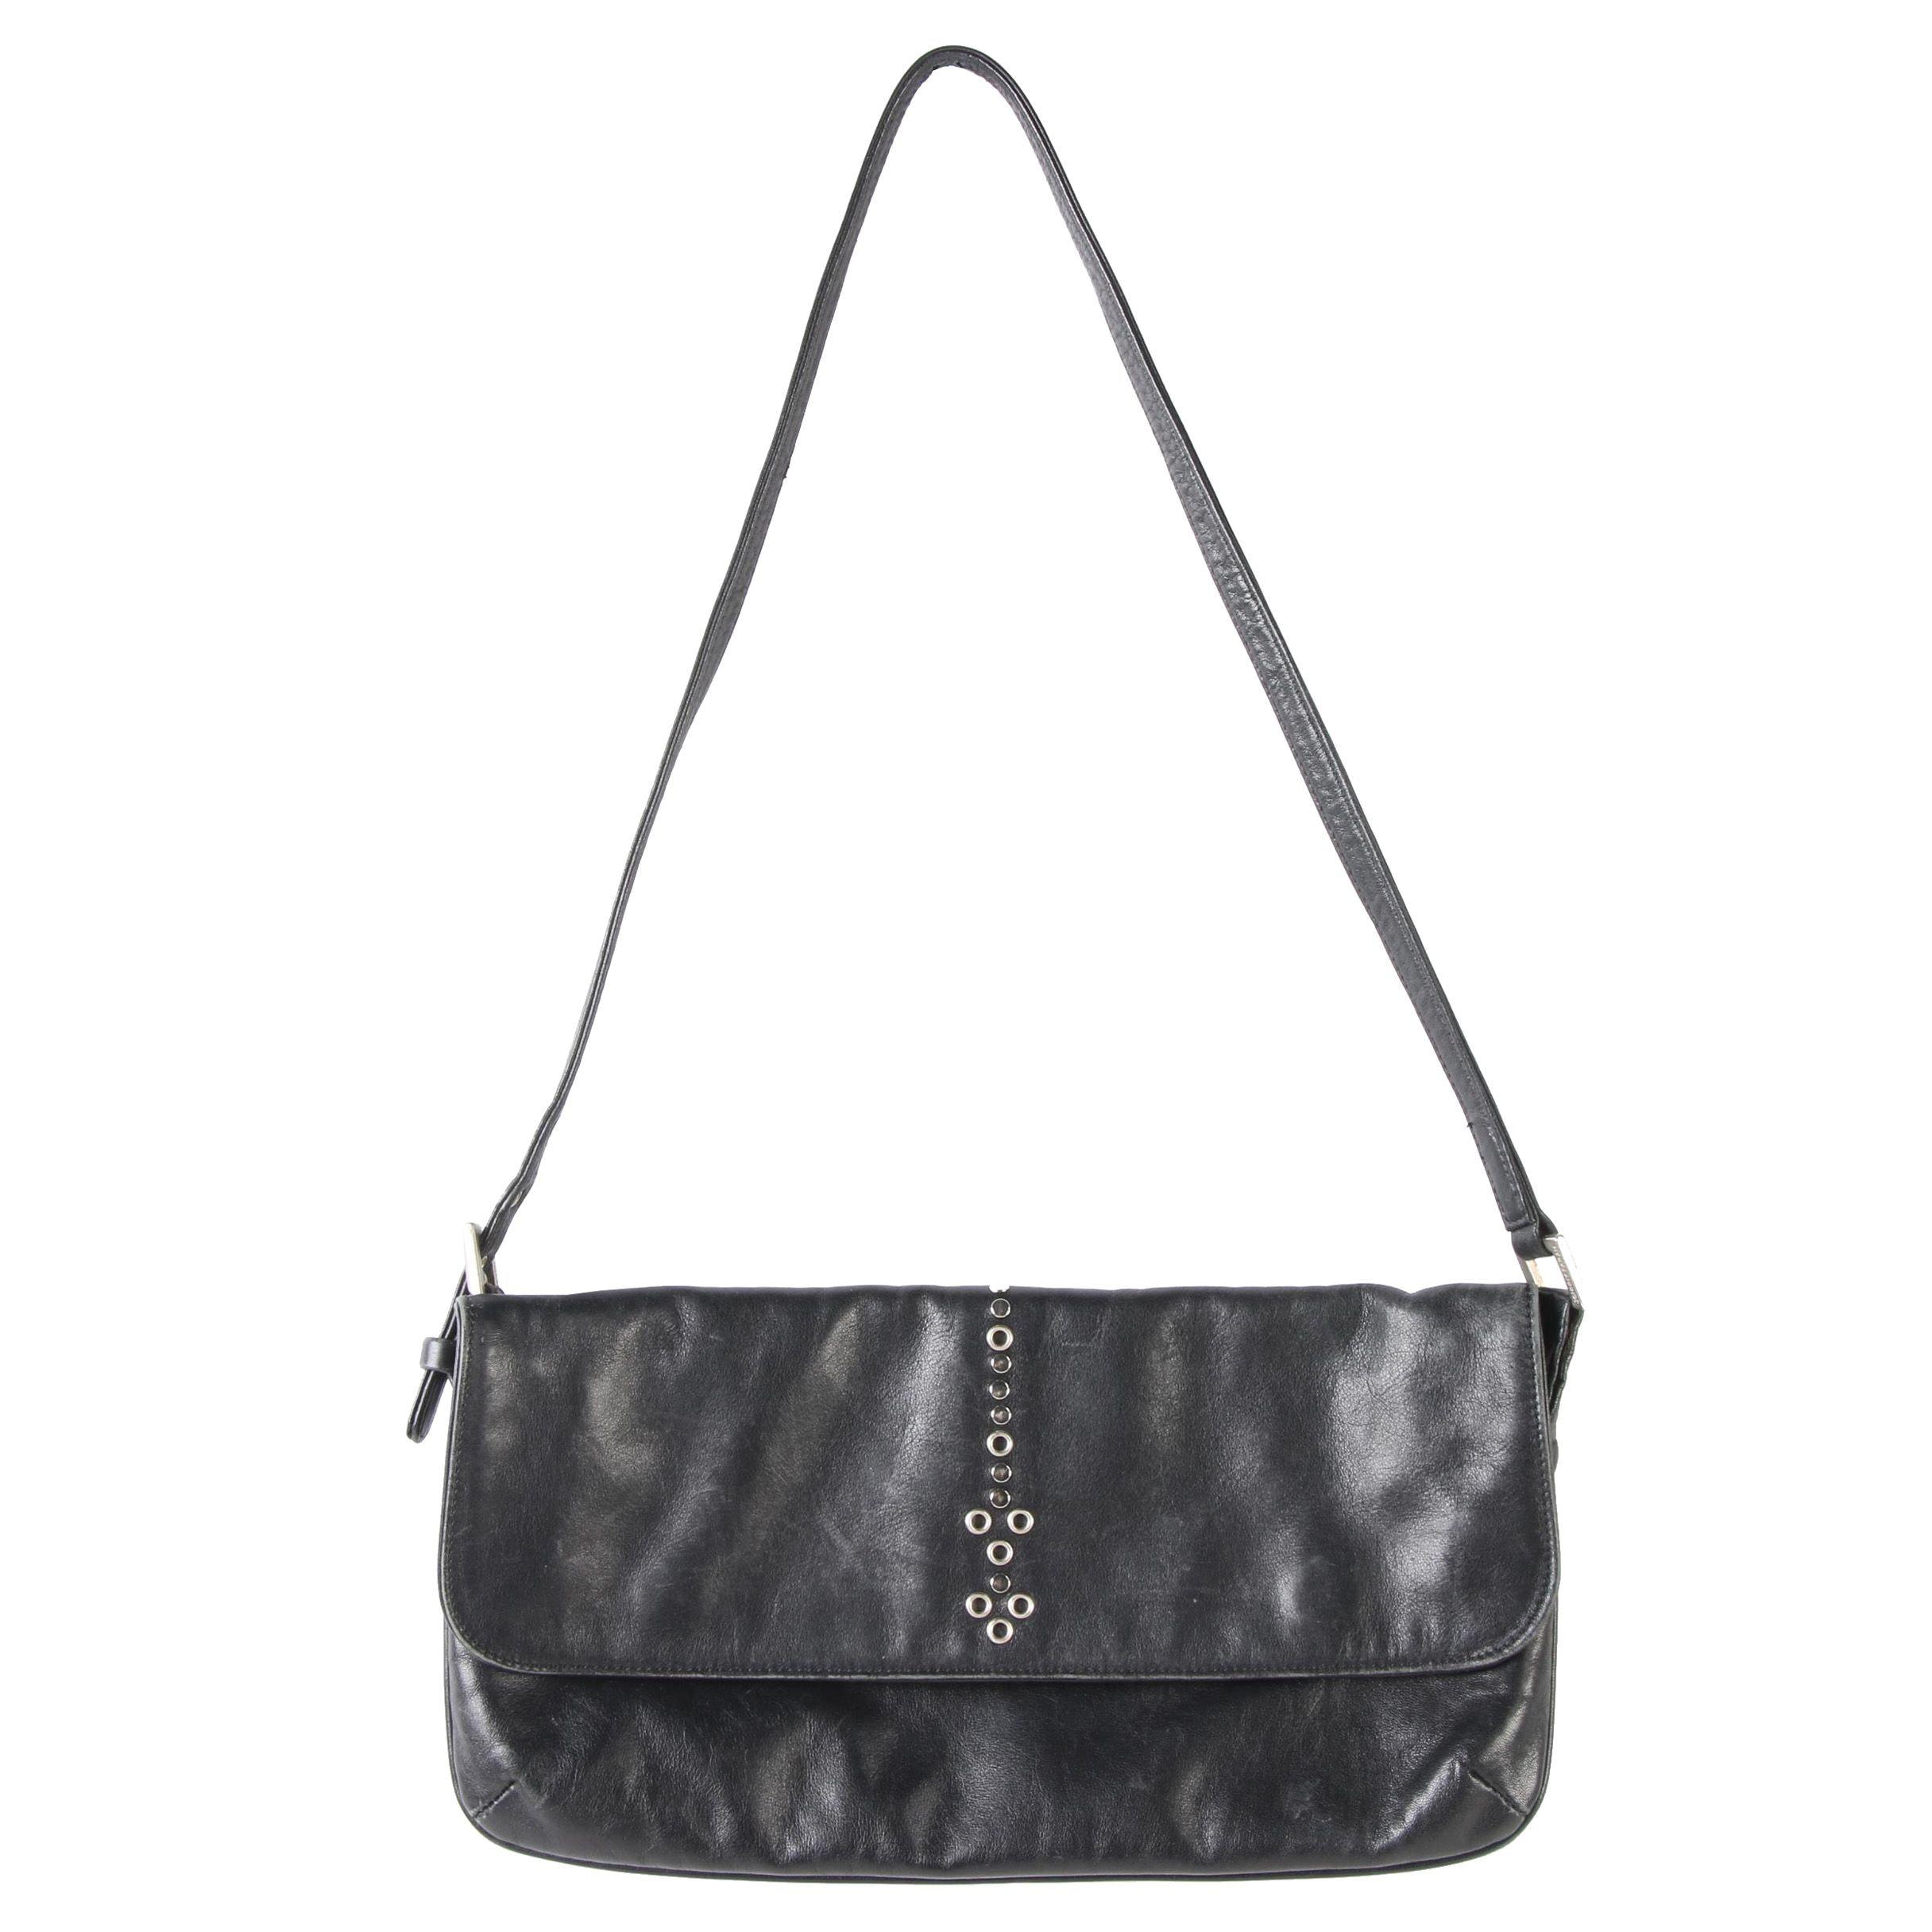 Johnny Farah New York East West Shoulder Bag in Studded Black Leather